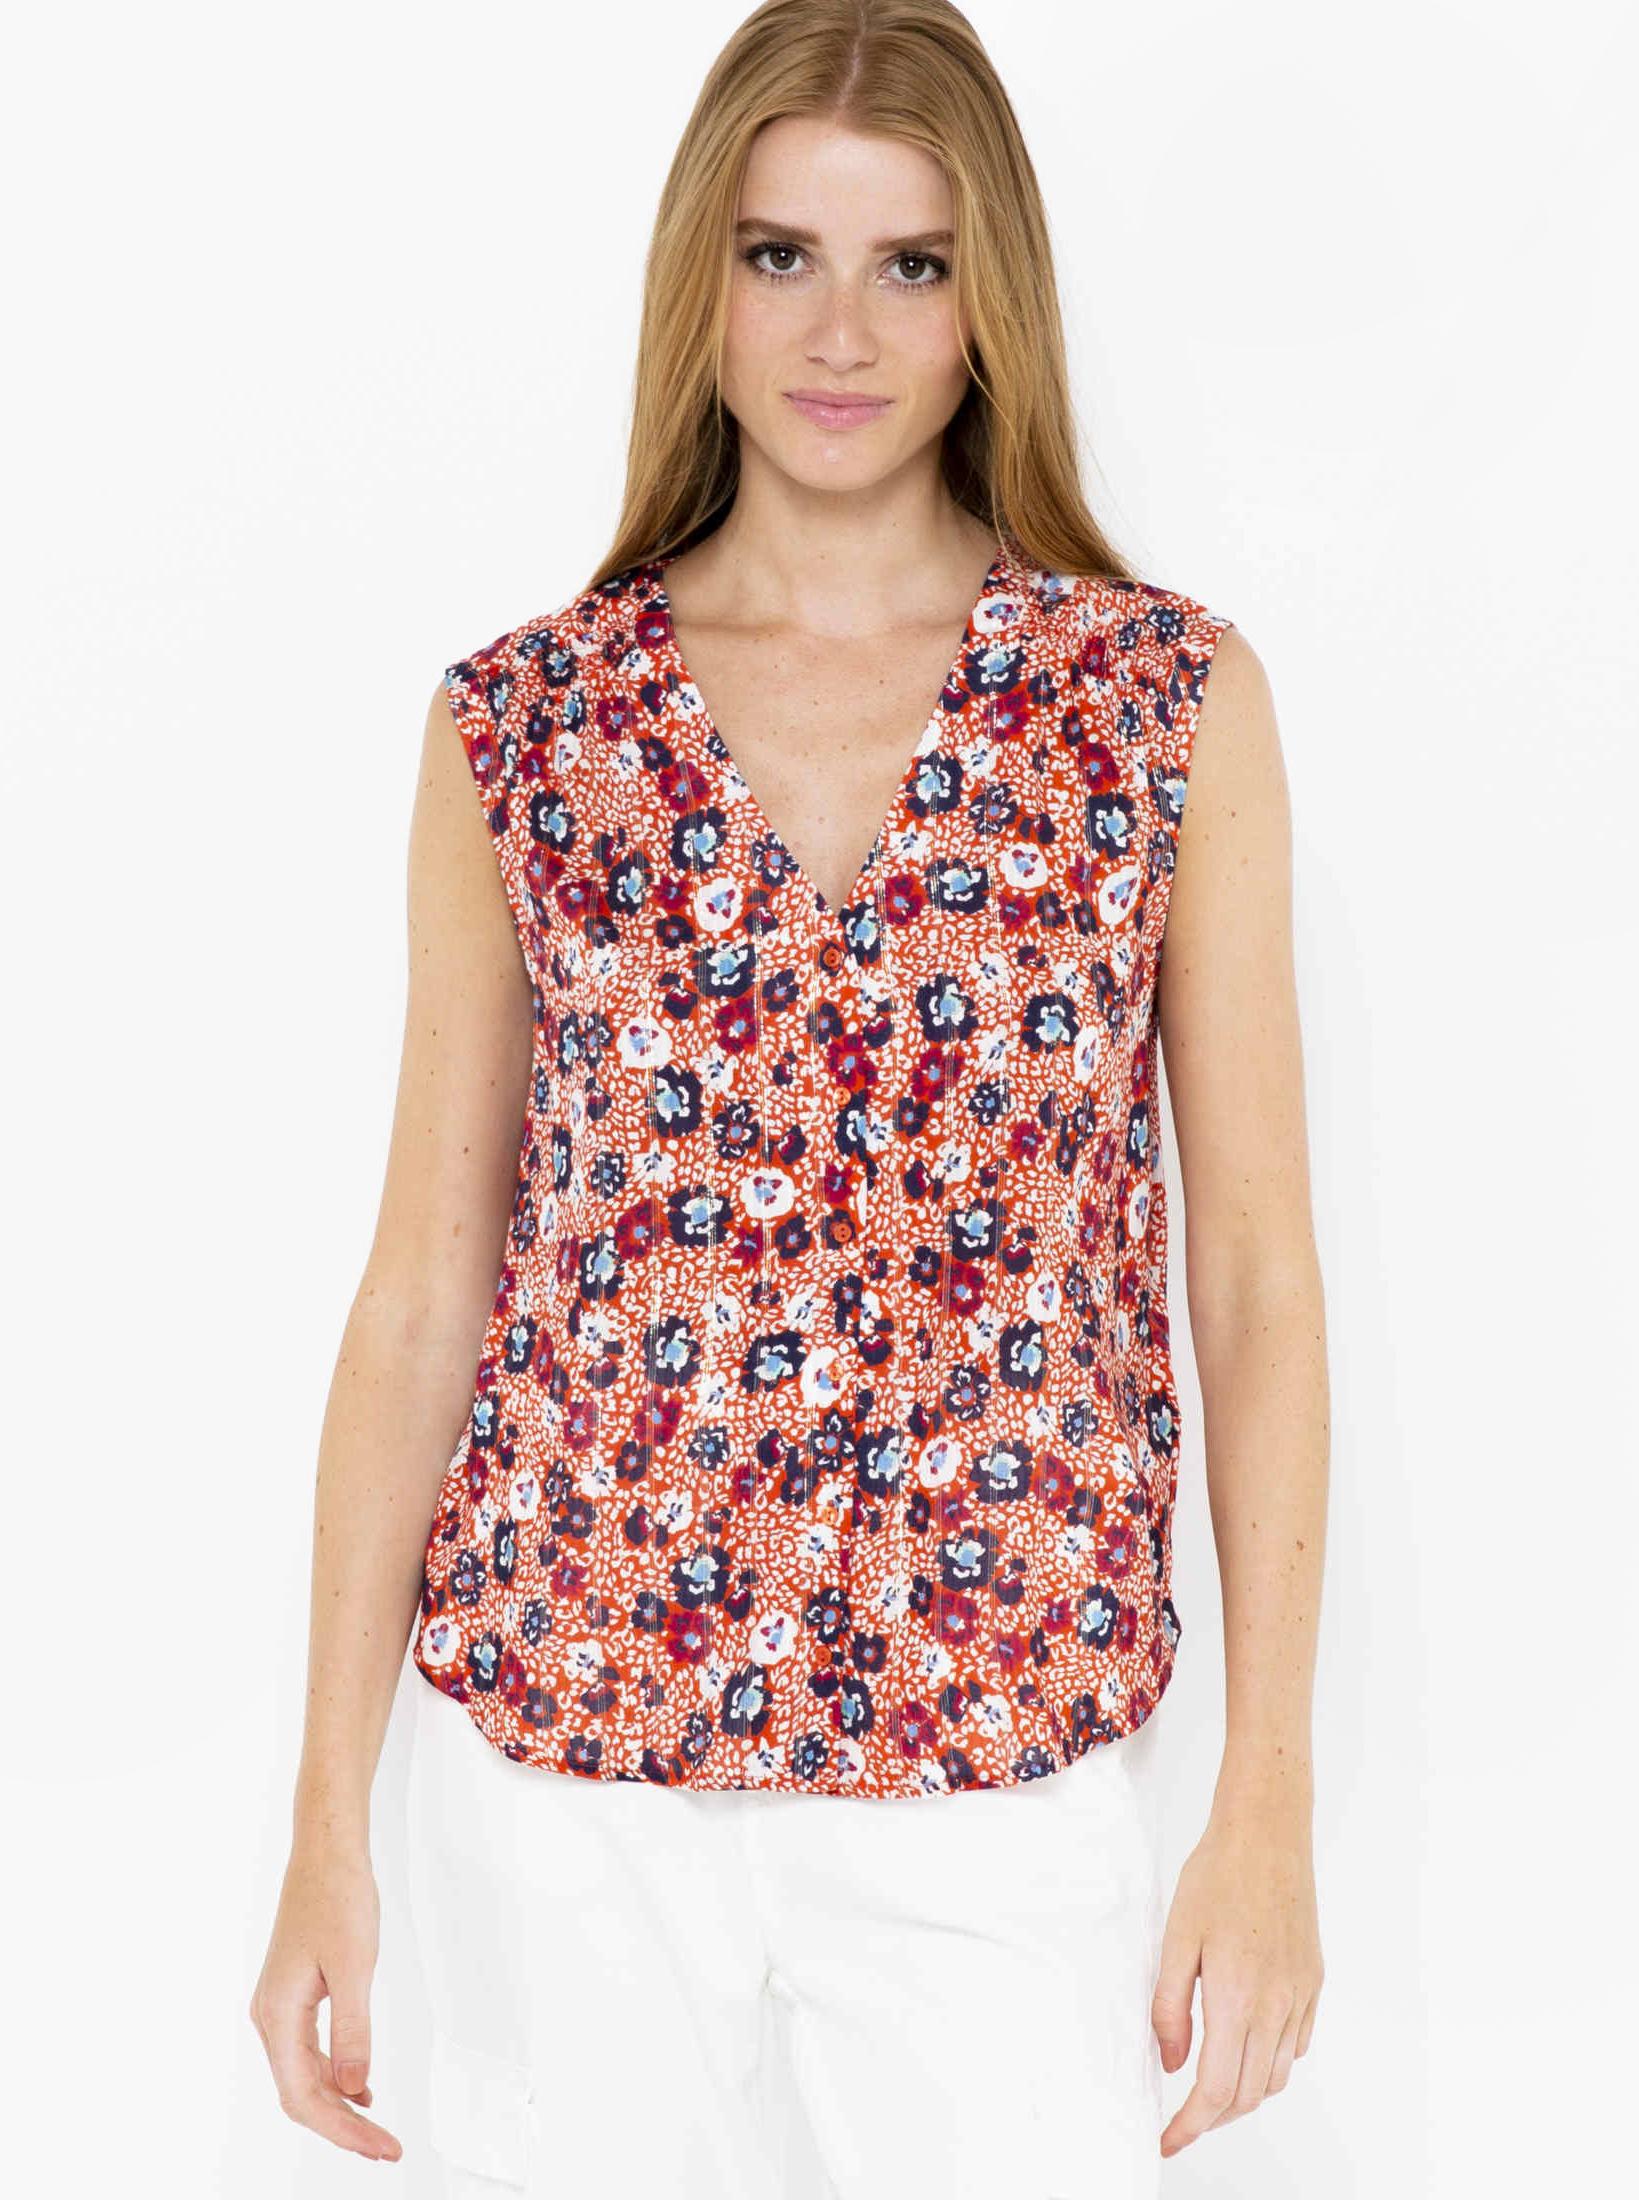 CAMAIEU orange women´s top with floral motif